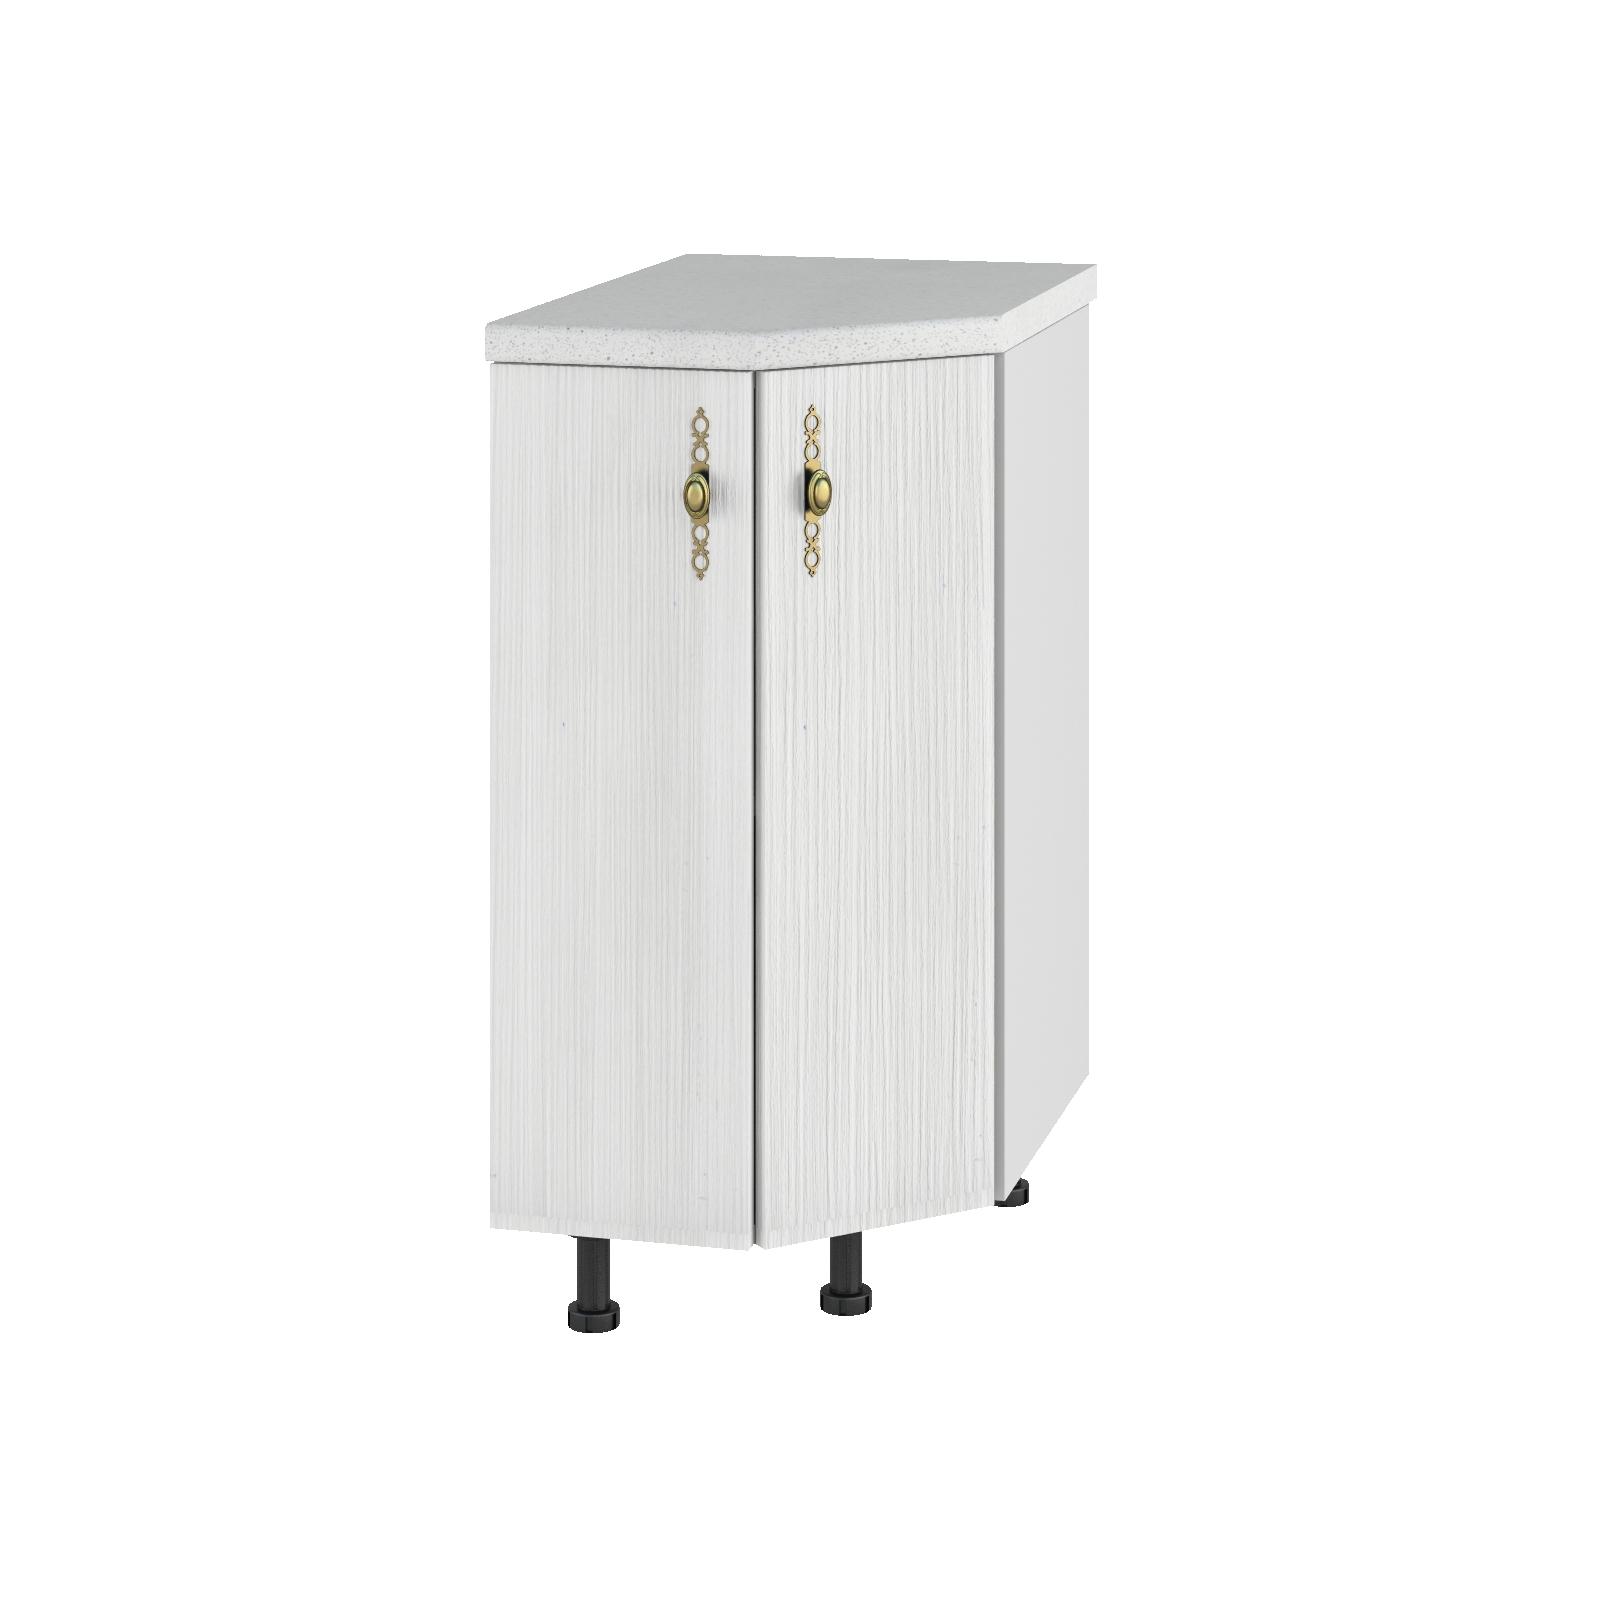 Кухня Монако СТ 400 Шкаф нижний торцевой правый